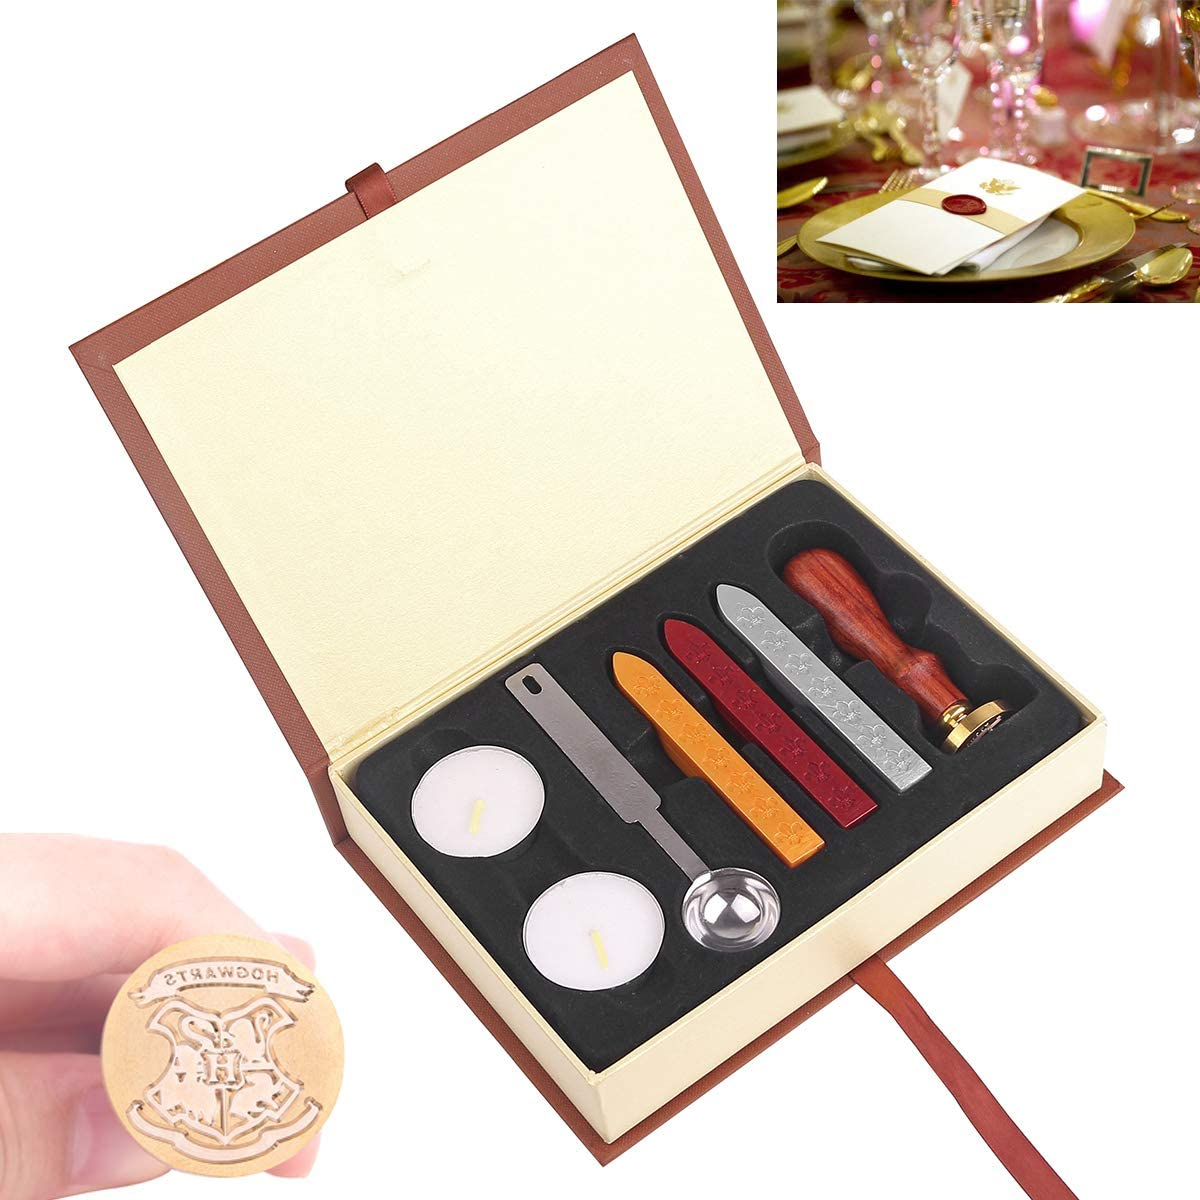 HITECHLIFE Kit de Sello de Cera Kit de Sello de Harry Potter Juego de Sello de Cera de Escuela Insignia